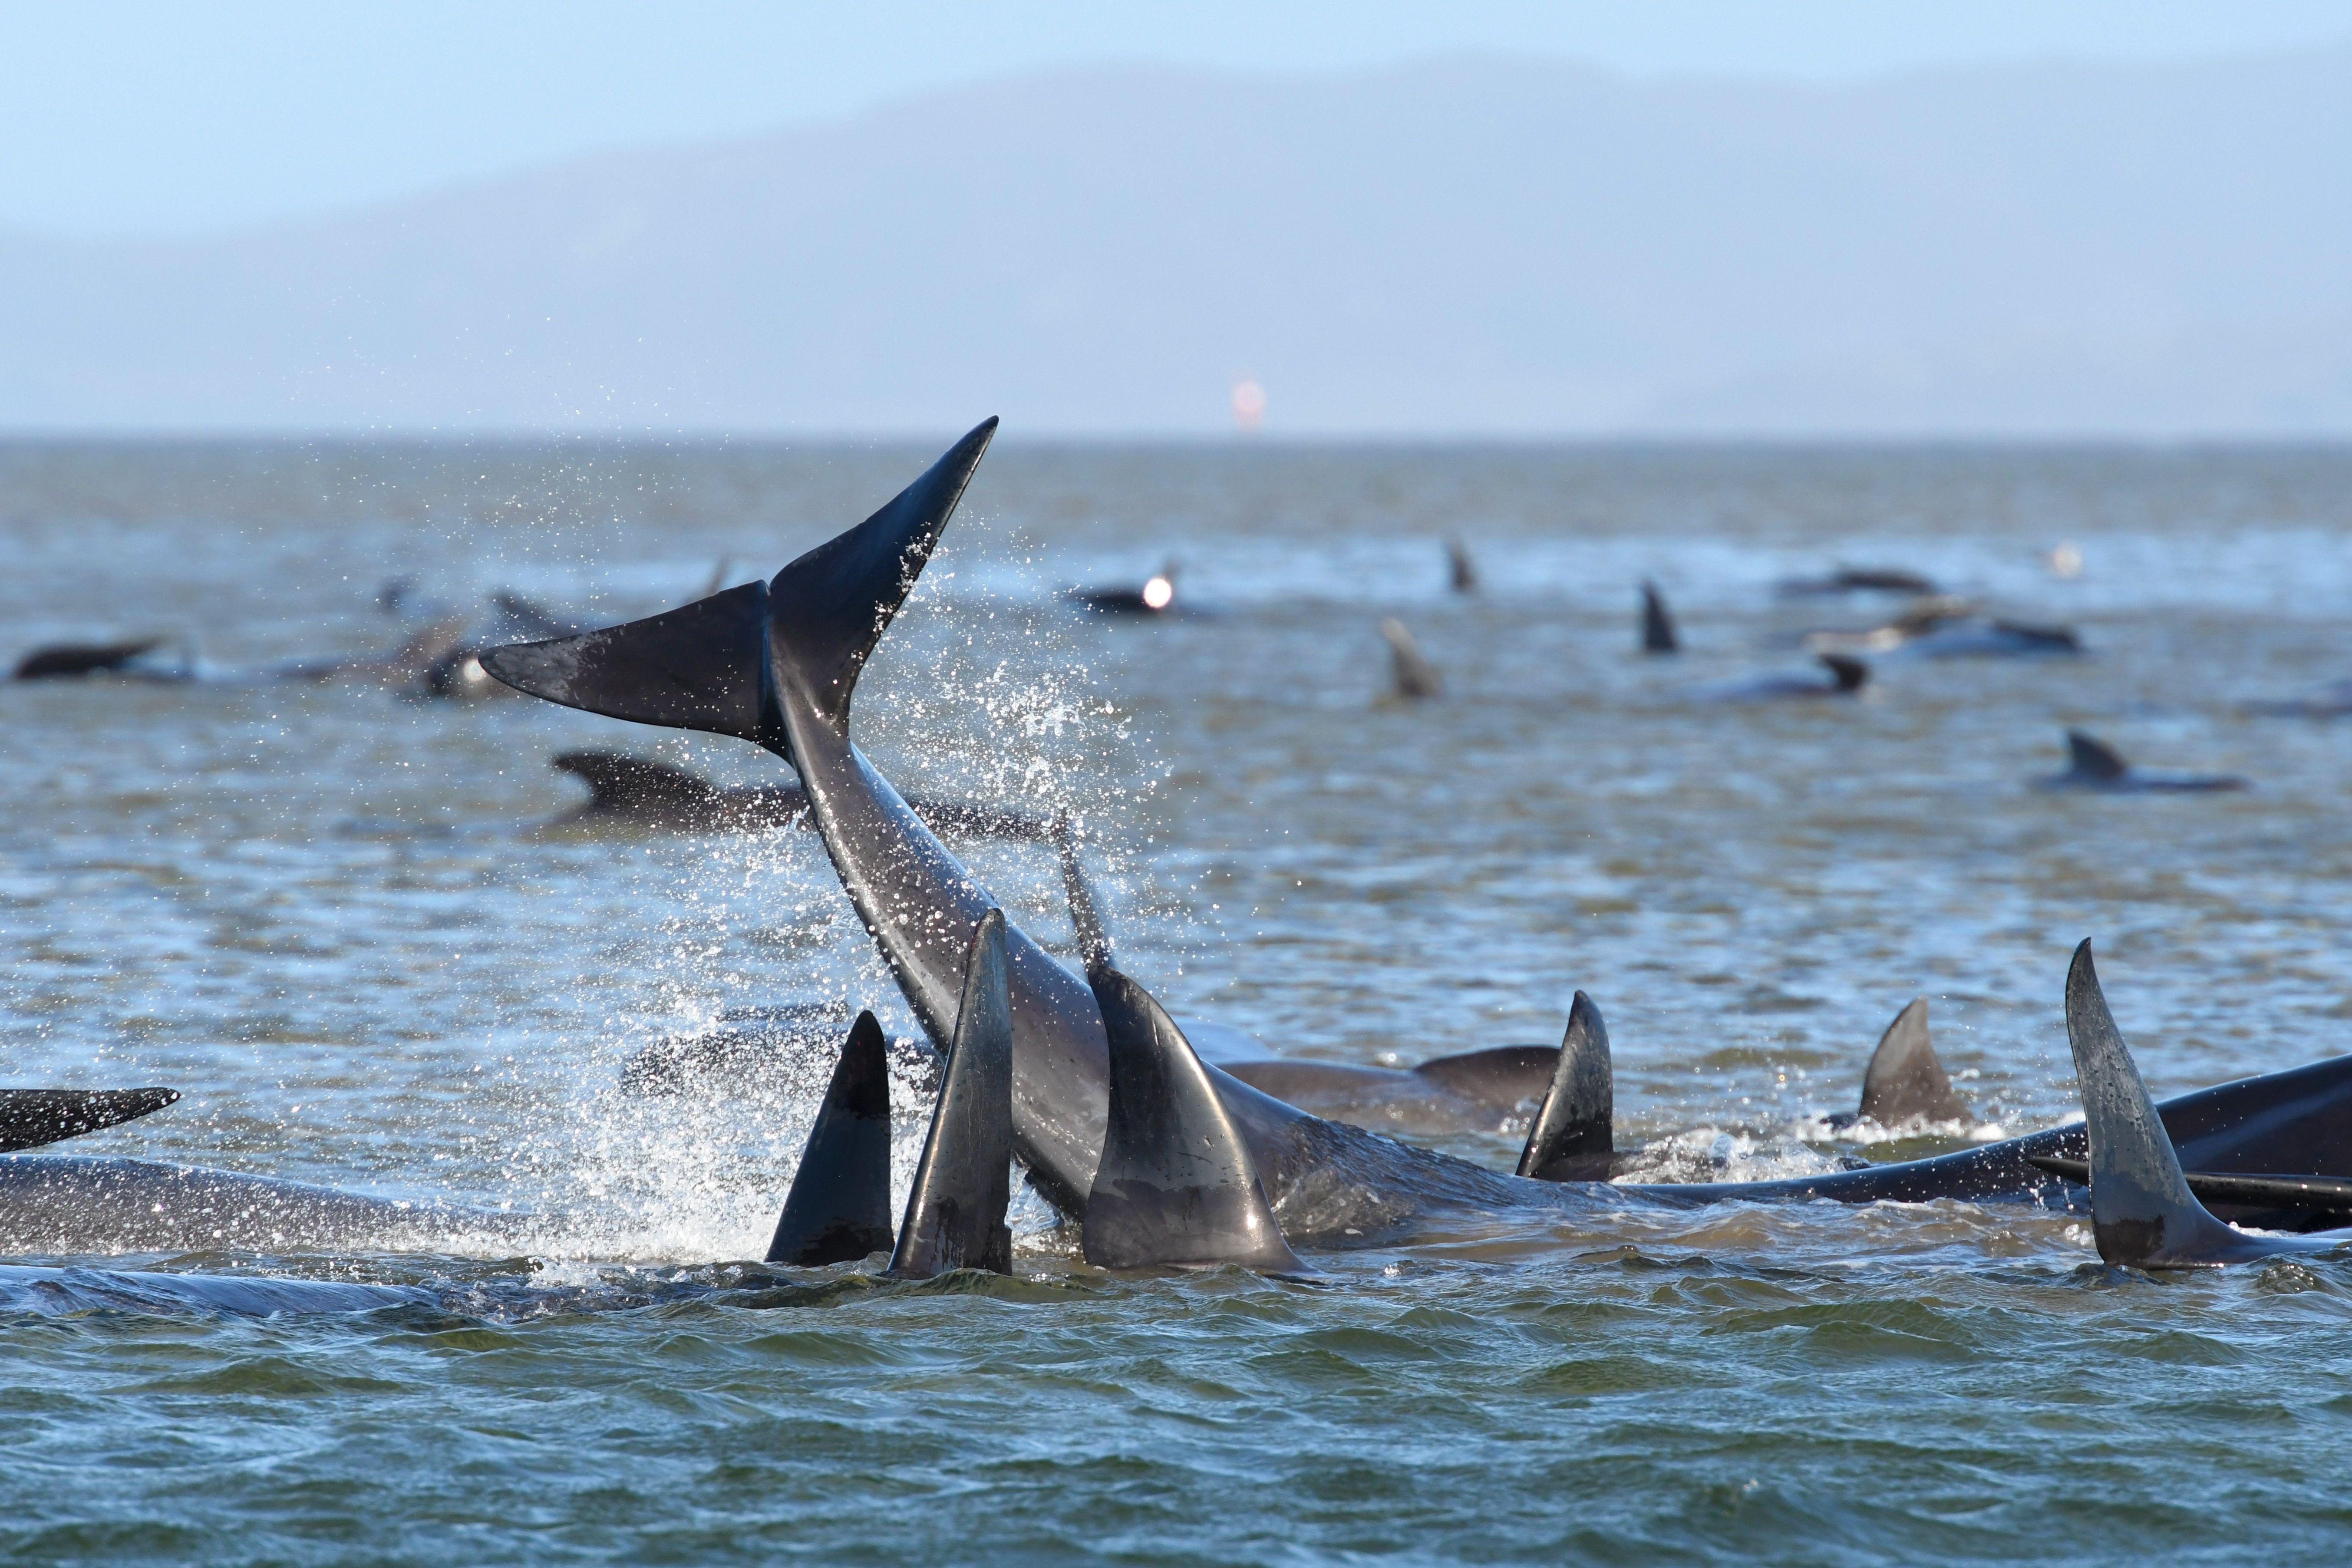 Pod Of 250 Pilot Whales Stranded In Macquarie Harbour, Tasmania